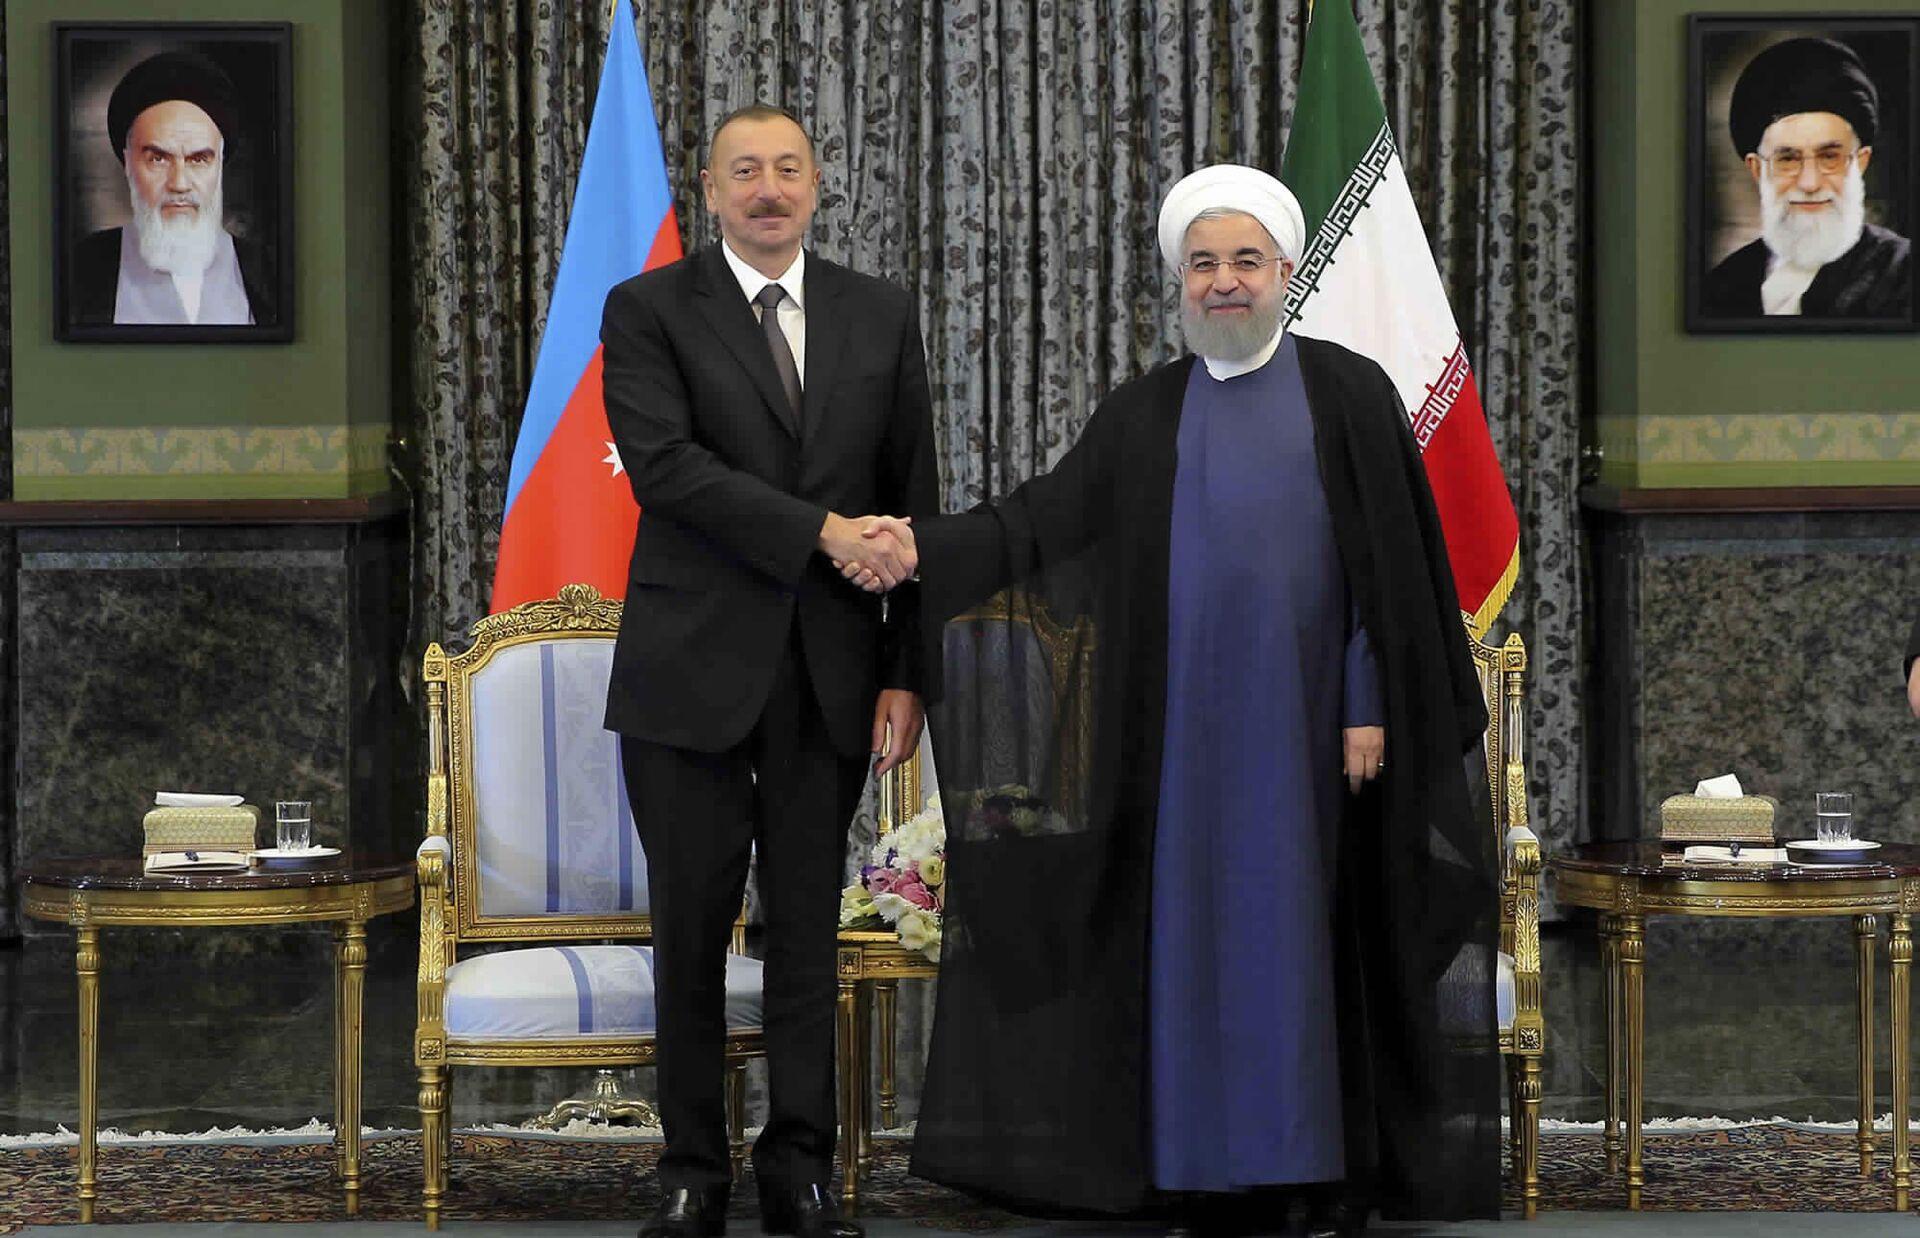 Президент Ирана Хасан Рухани и президент Азербайджана Ильхам Алиев перед началом встречи в Тегеране. 1 ноября 2017 - РИА Новости, 1920, 16.10.2020